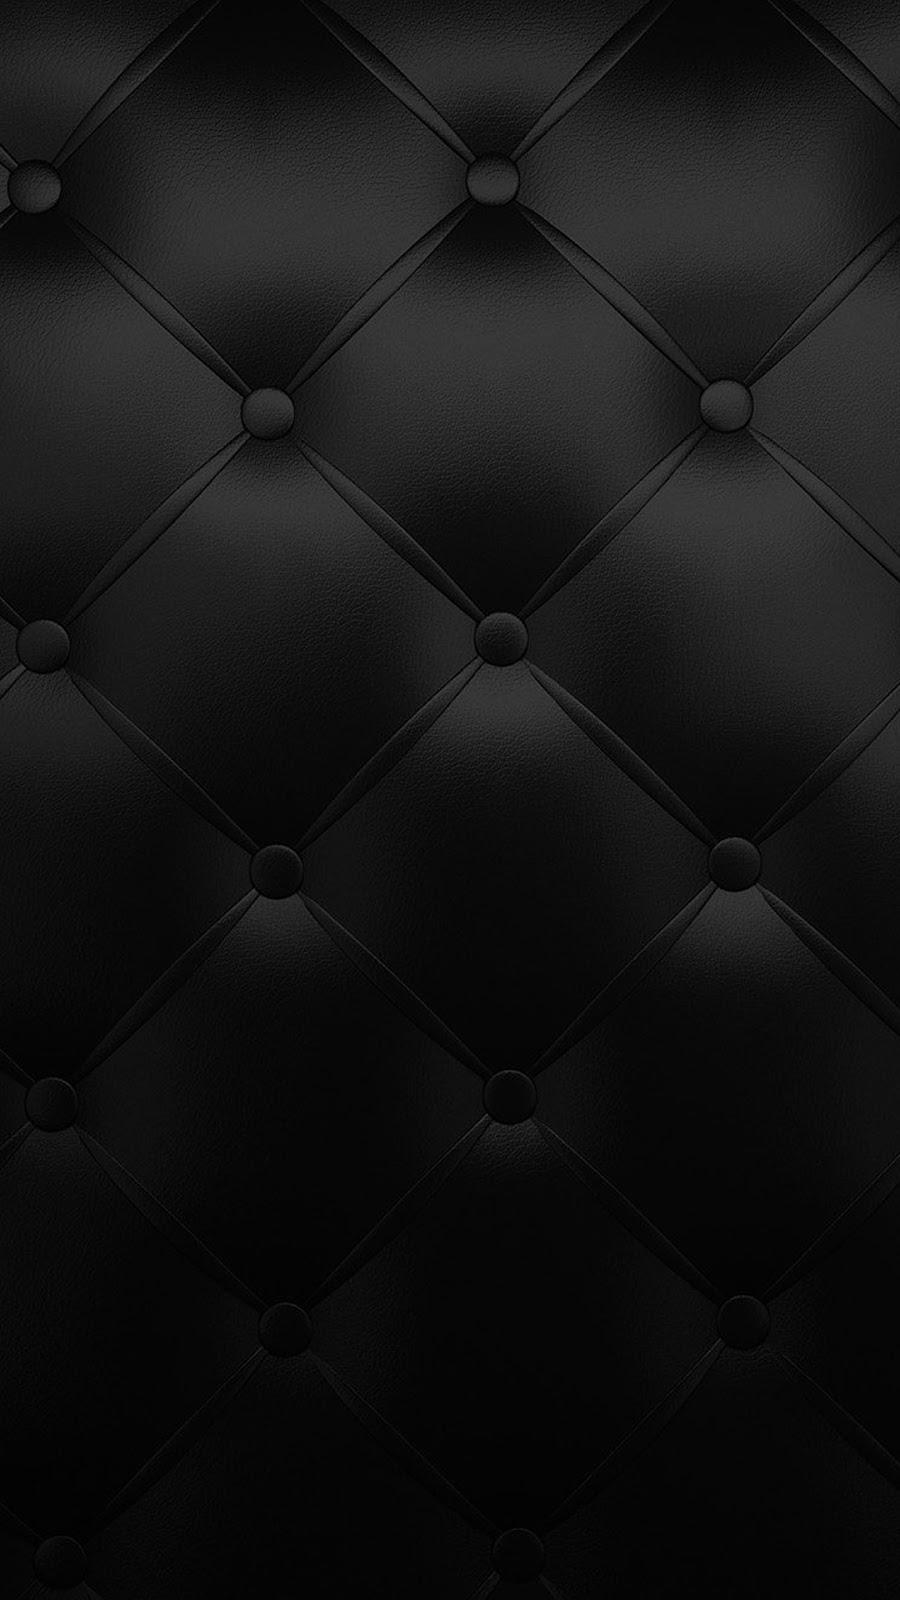 4K Wallpaper Phone - WallpaperSafari